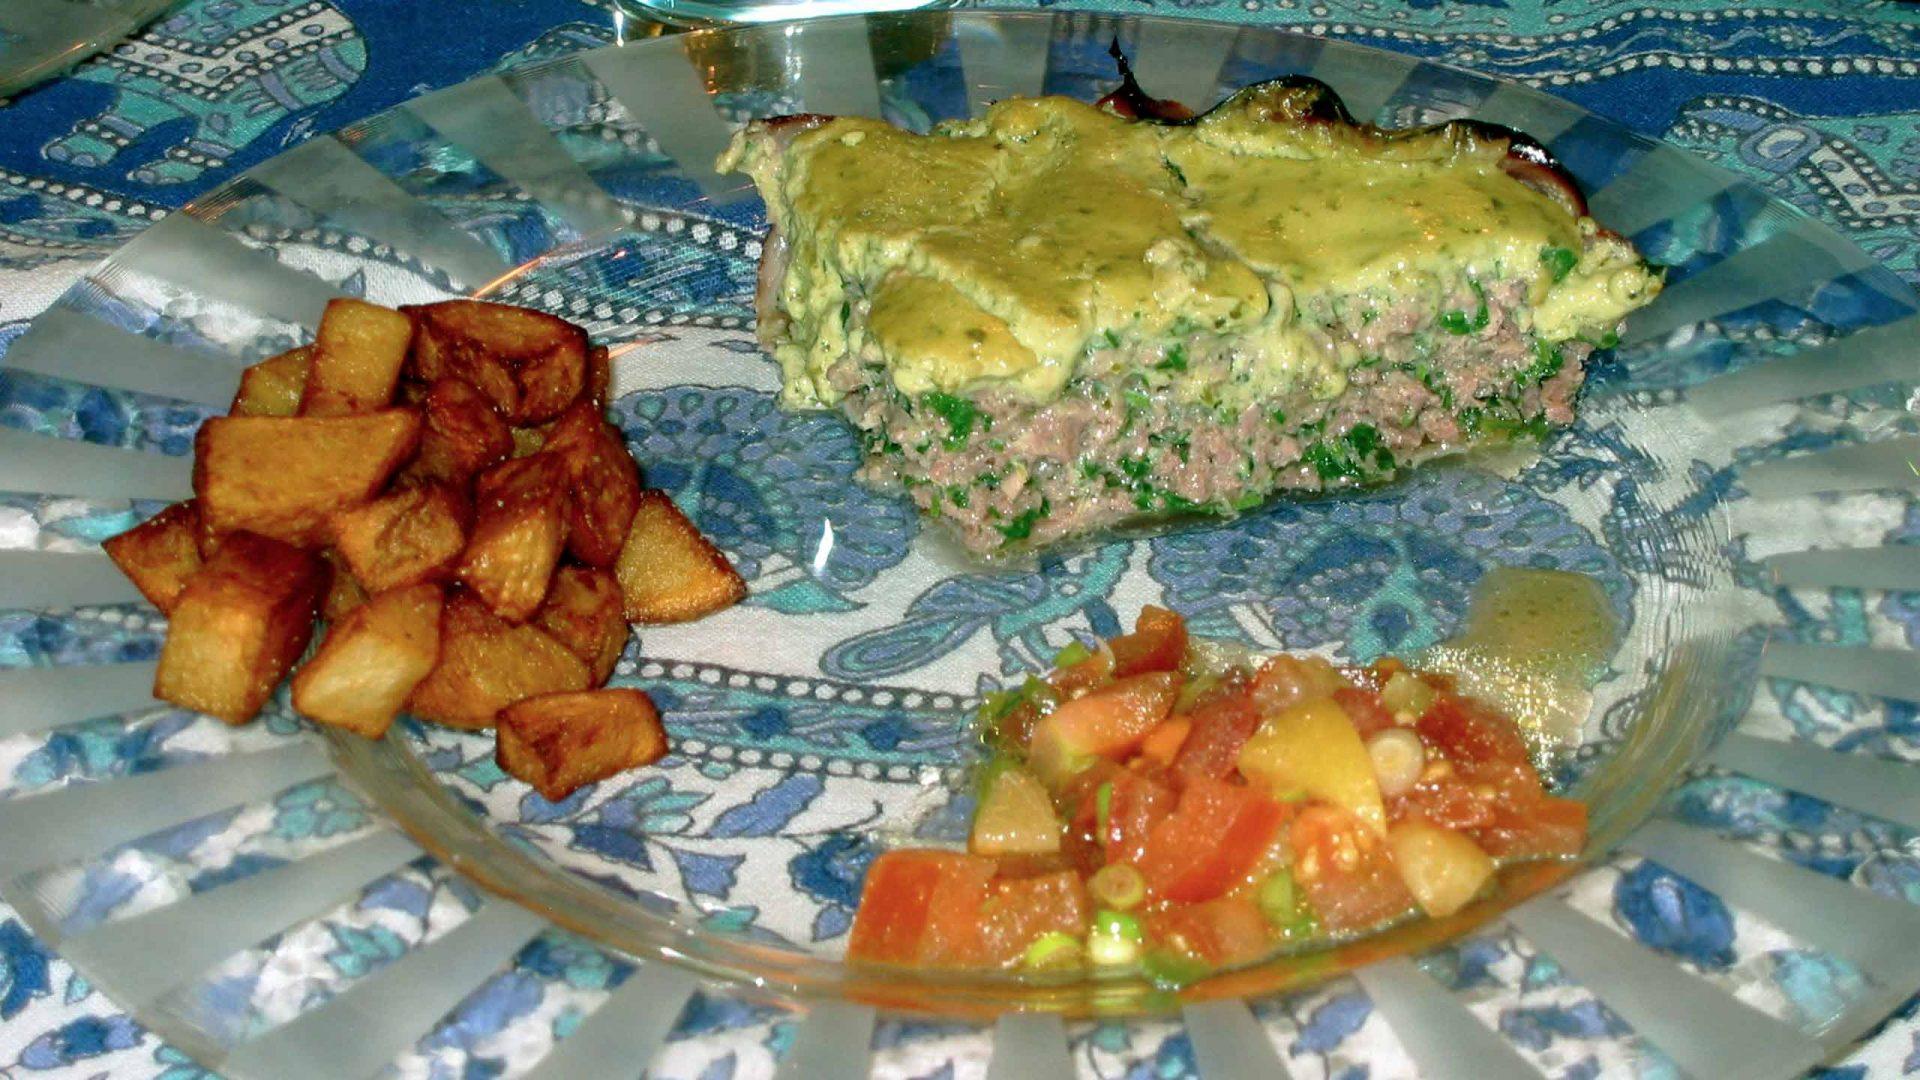 סינייה טחינה של חורף - מסעדת קורדיליה